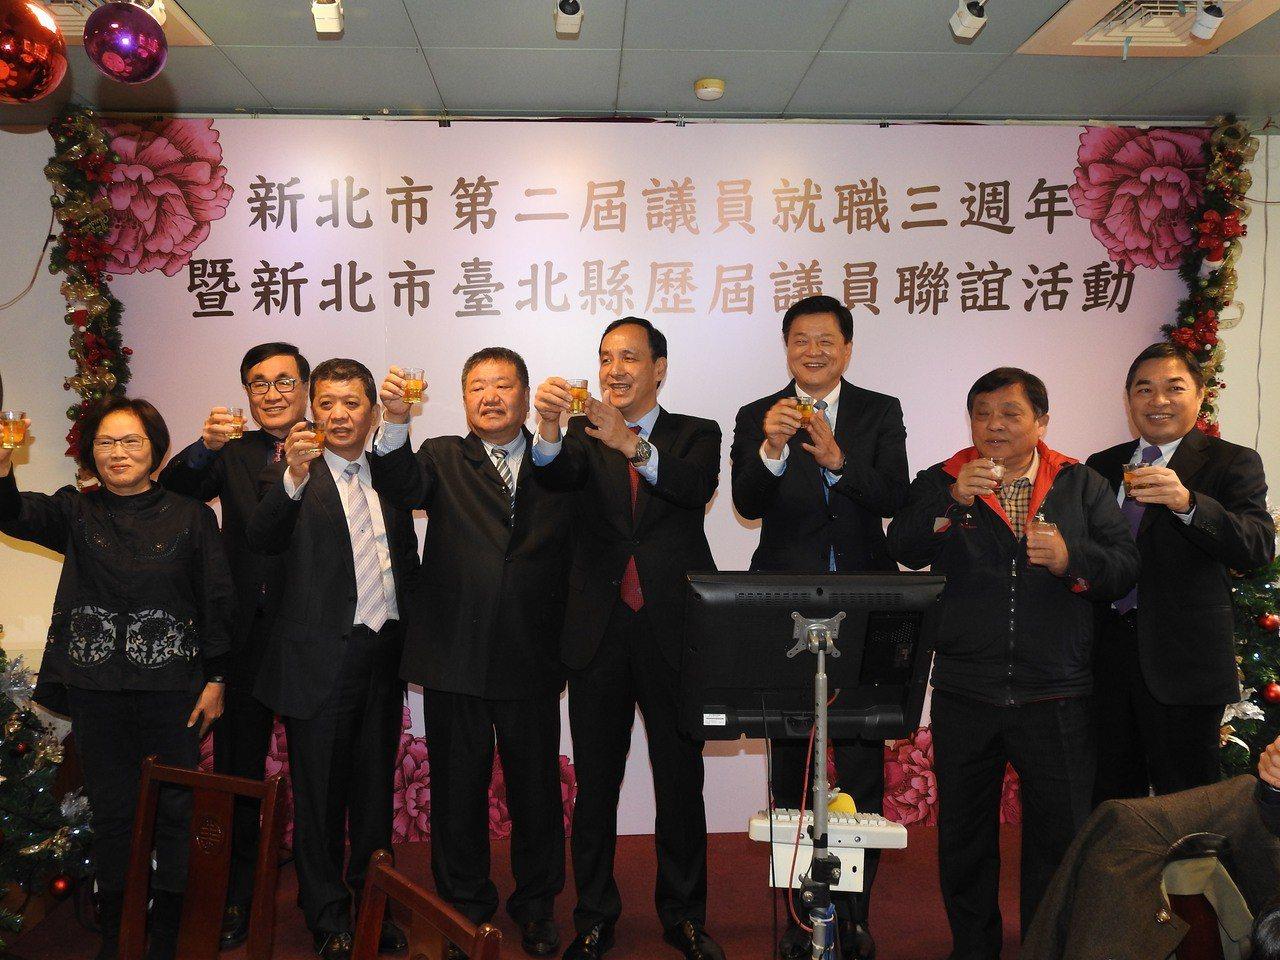 新北市議會舉行歷屆議員回娘家活動,議長蔣根煌(左4)、副議長陳文治(左3)及市長...